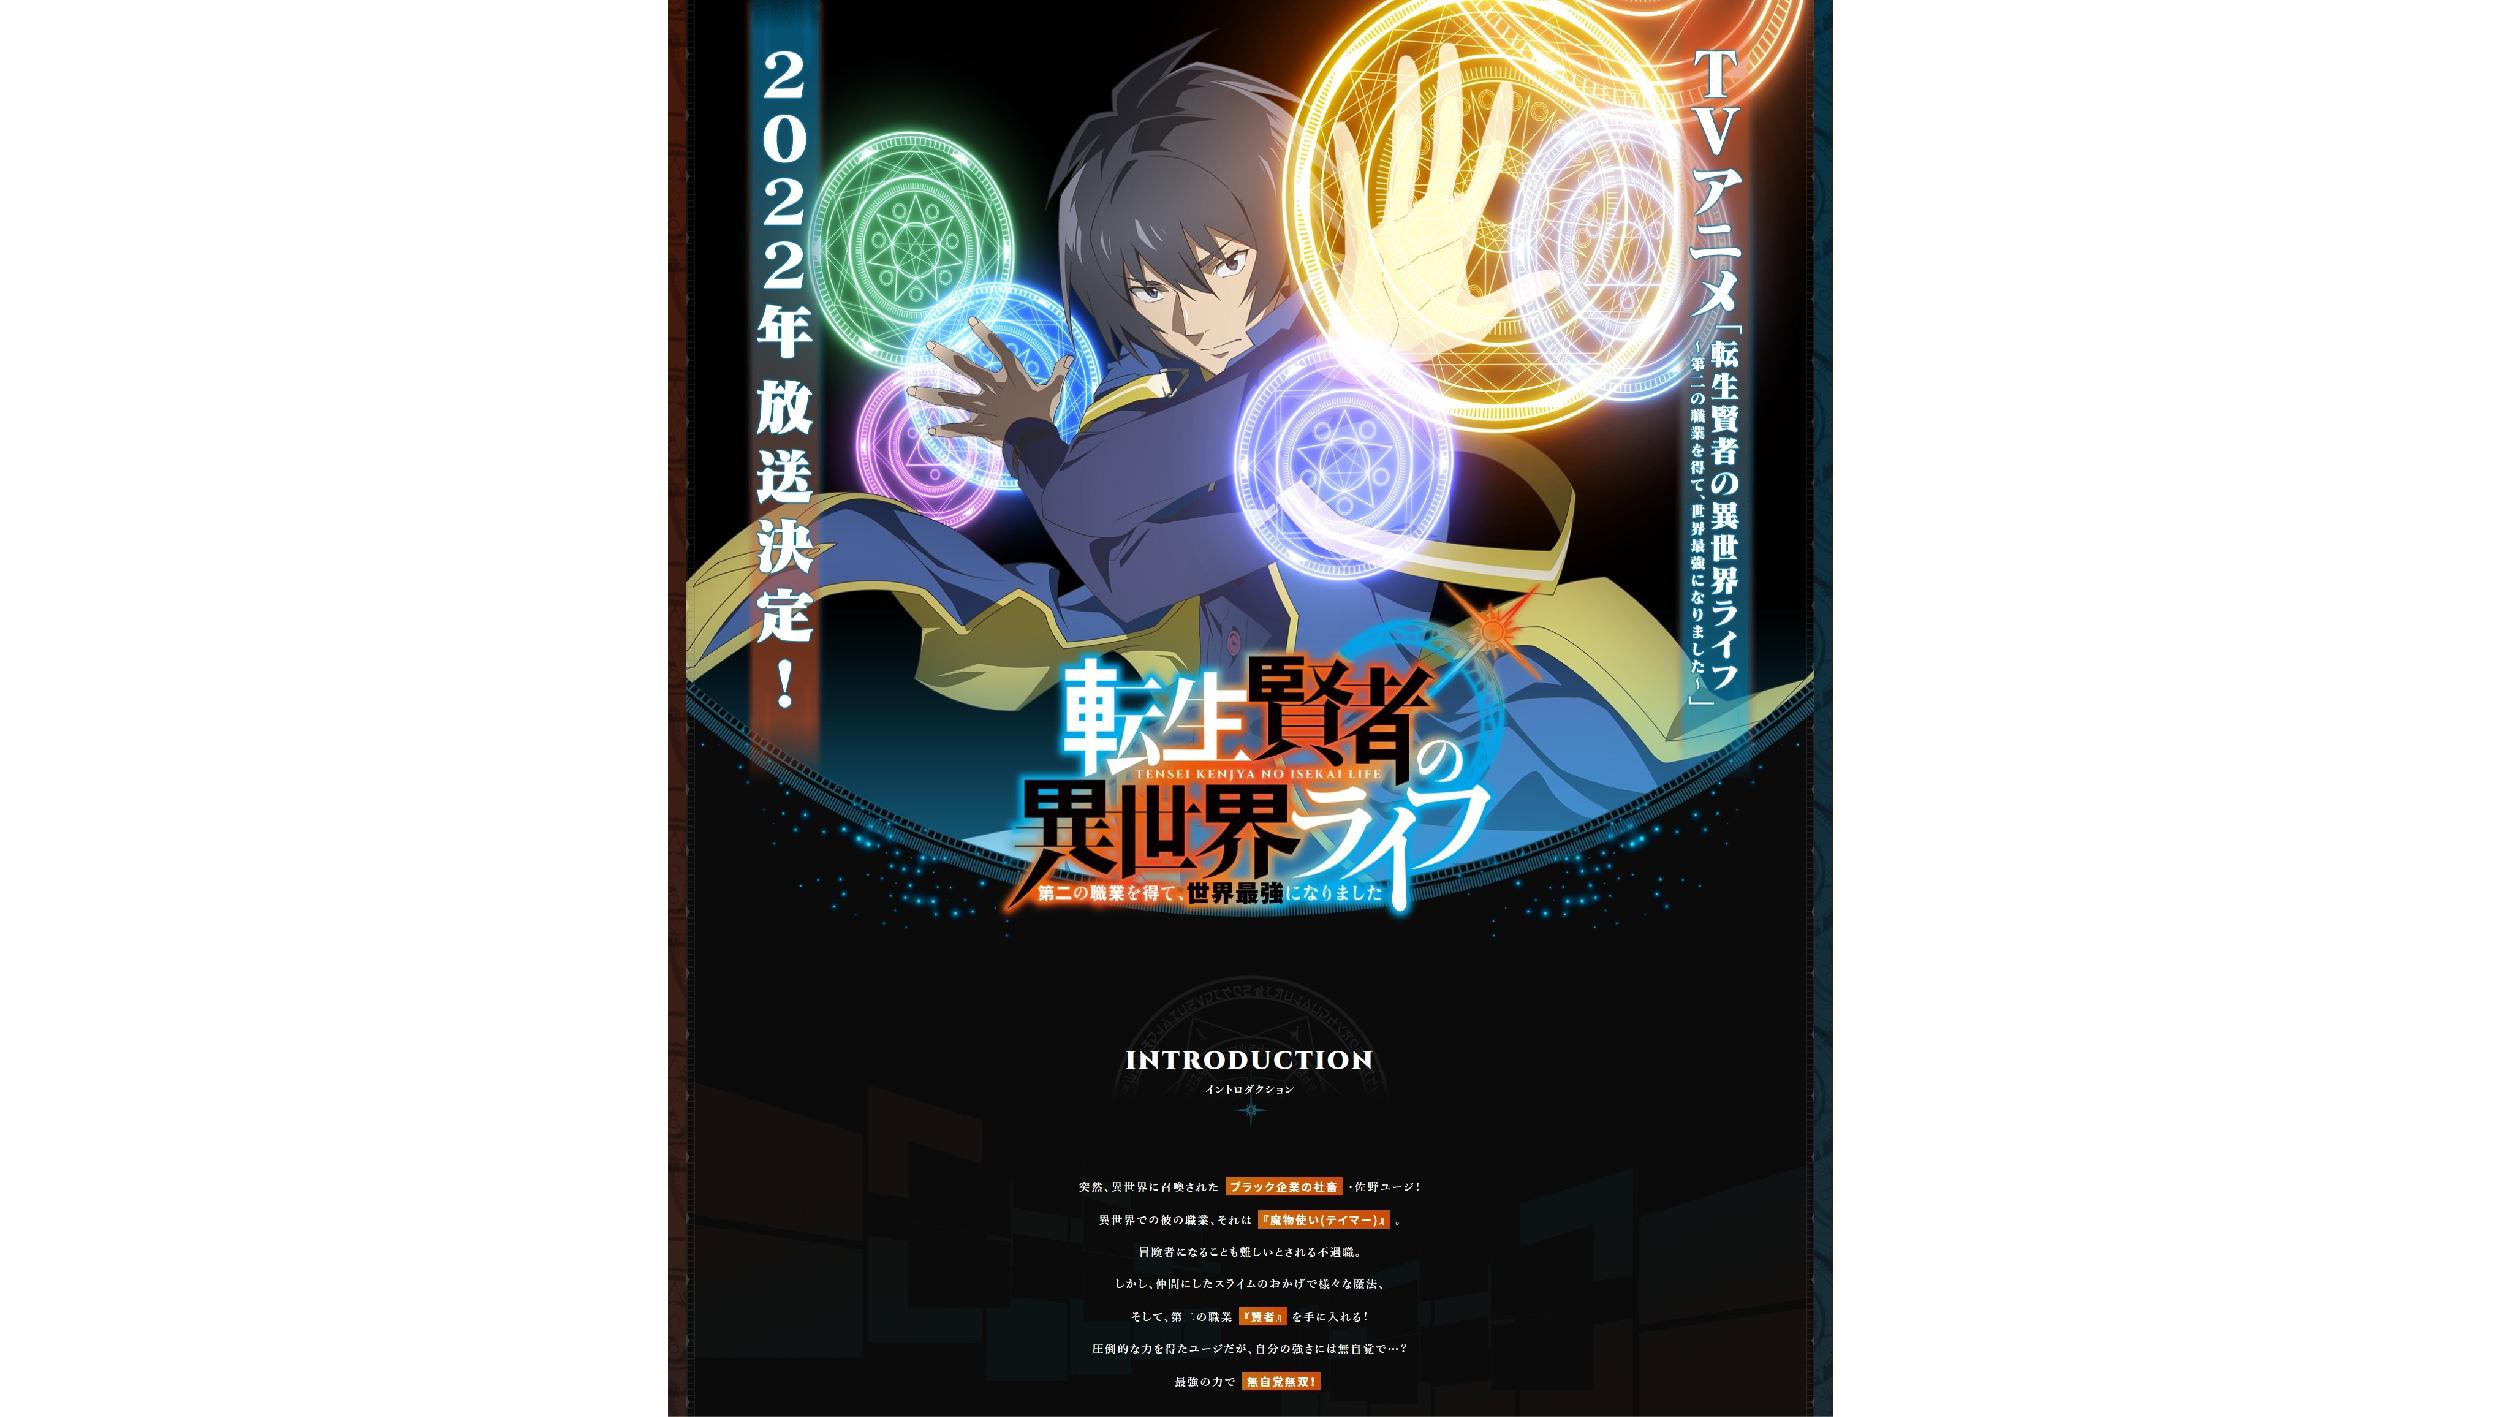 電視動畫2022年播放!系列突破450萬冊!臺灣漫畫家彭傑負責的漫畫作品《轉生賢者的異世界生活》,動畫版主視覺及官網正式上線!